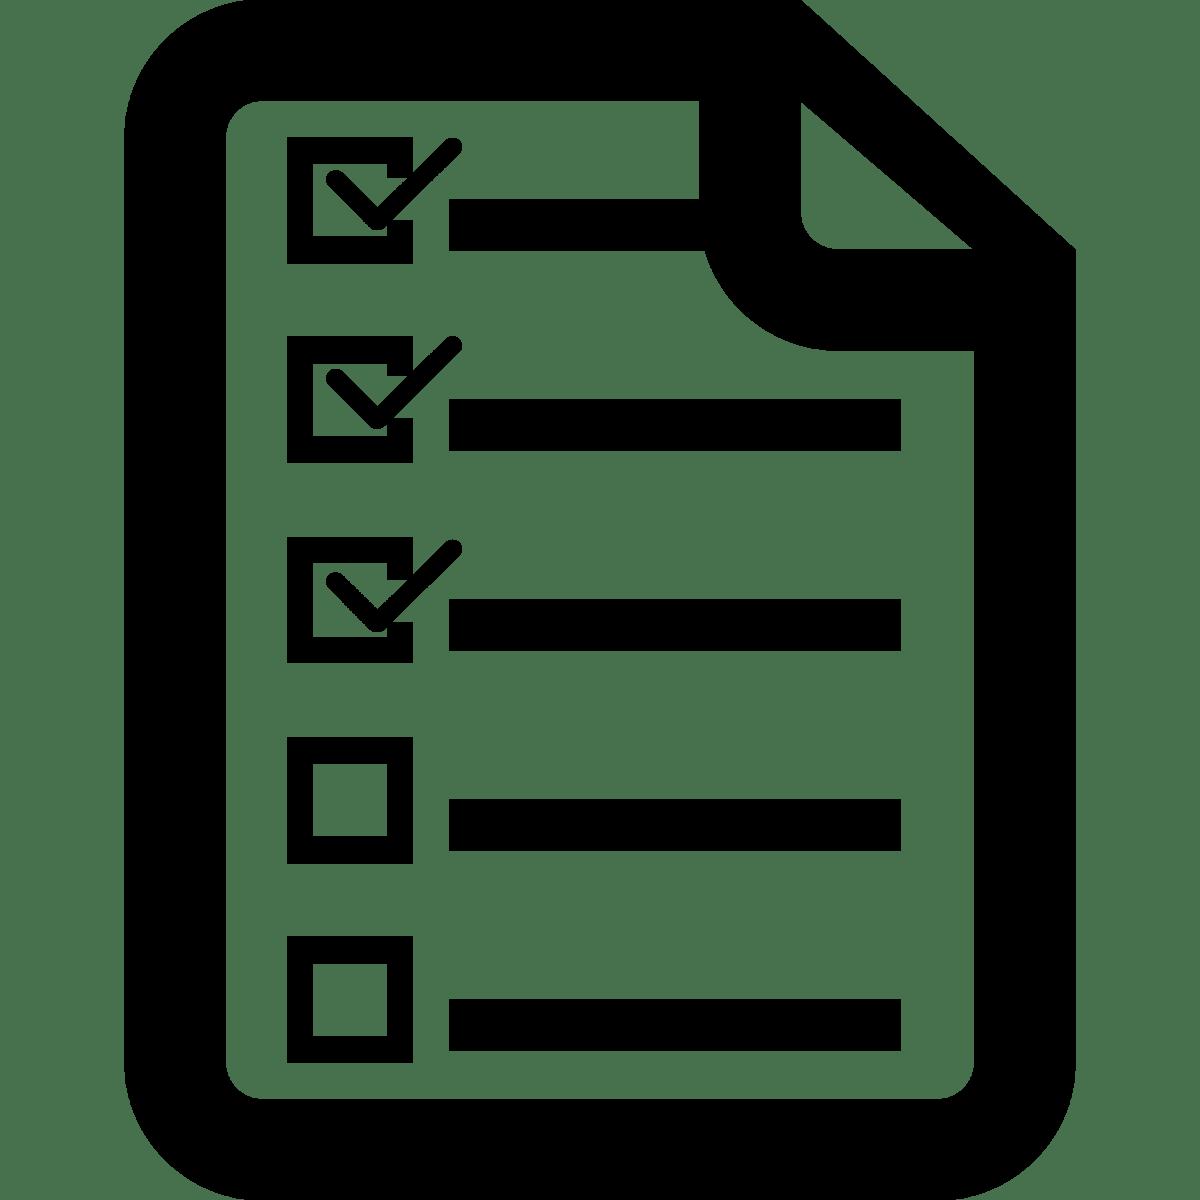 Png list nconnections checklisticonchecklisticonpnglisticon. Checklist clipart icon